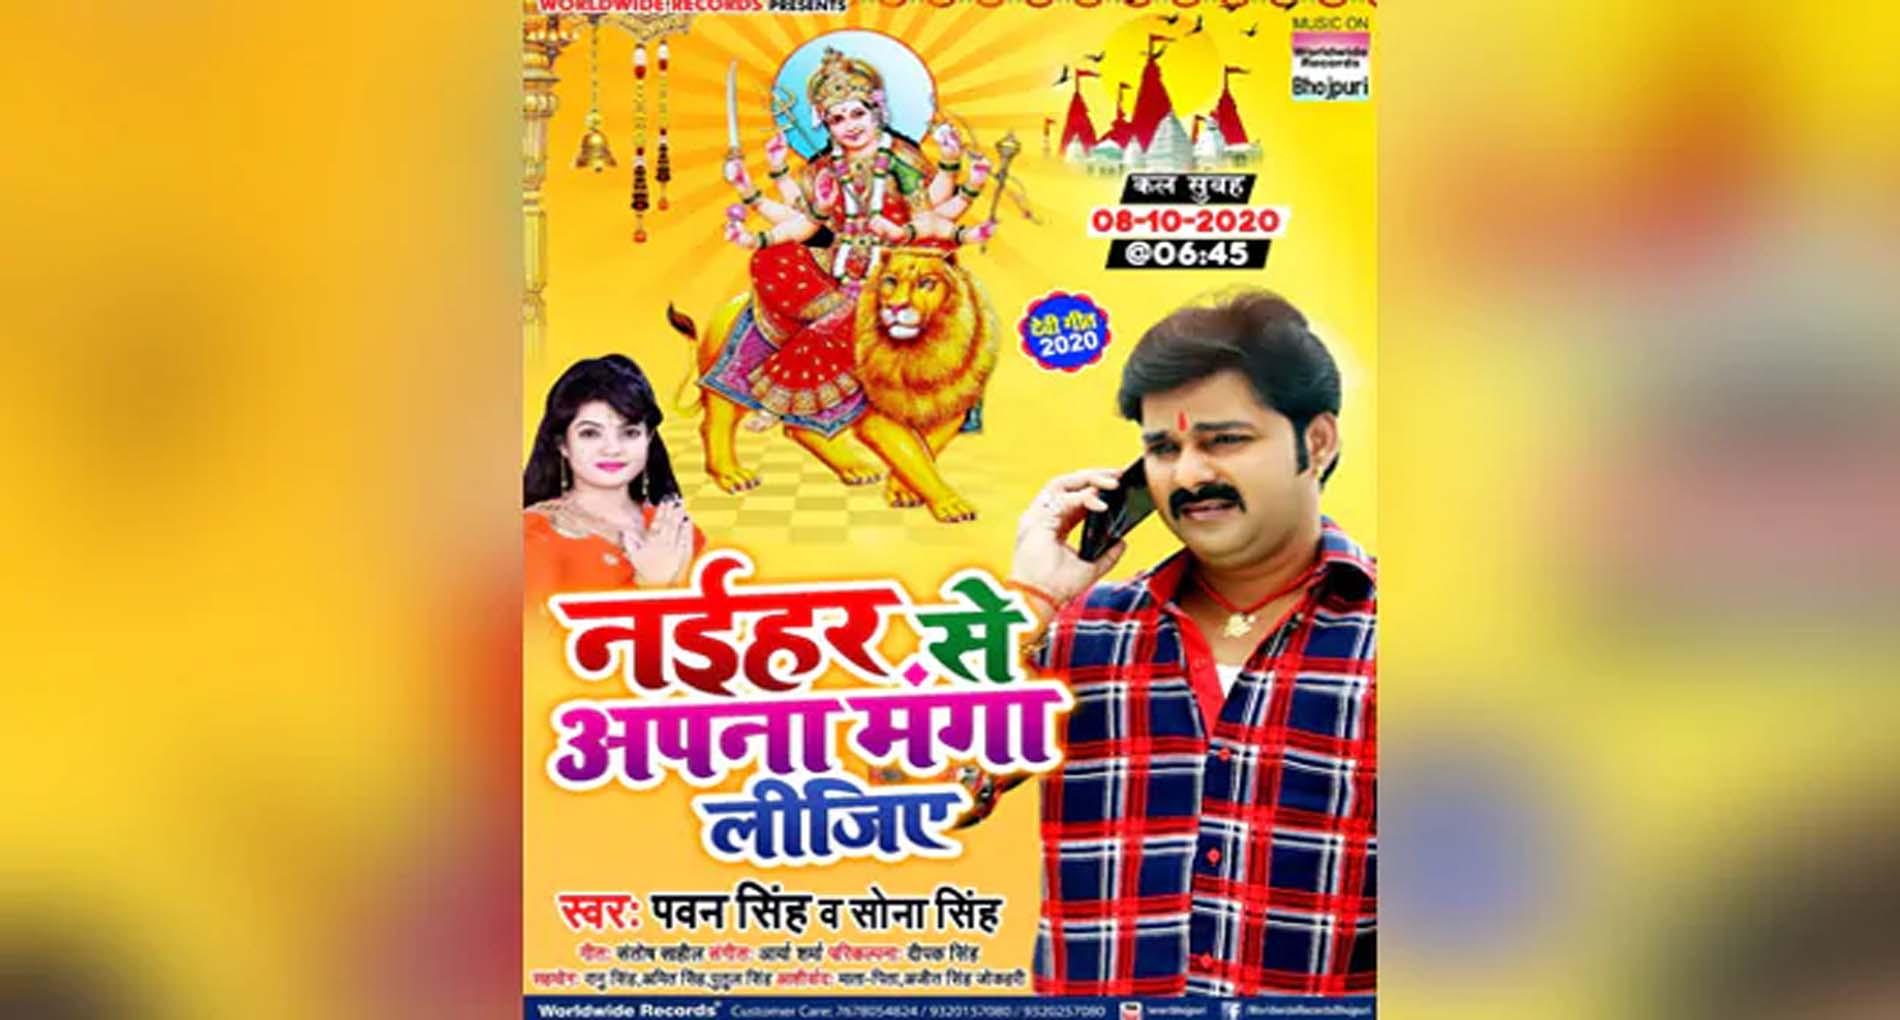 पवन सिंह का नया भोजपुरी देवी गीत 'नईहर से अपना मंगा लीजिये' हुआ हिट, देखें वीडियो